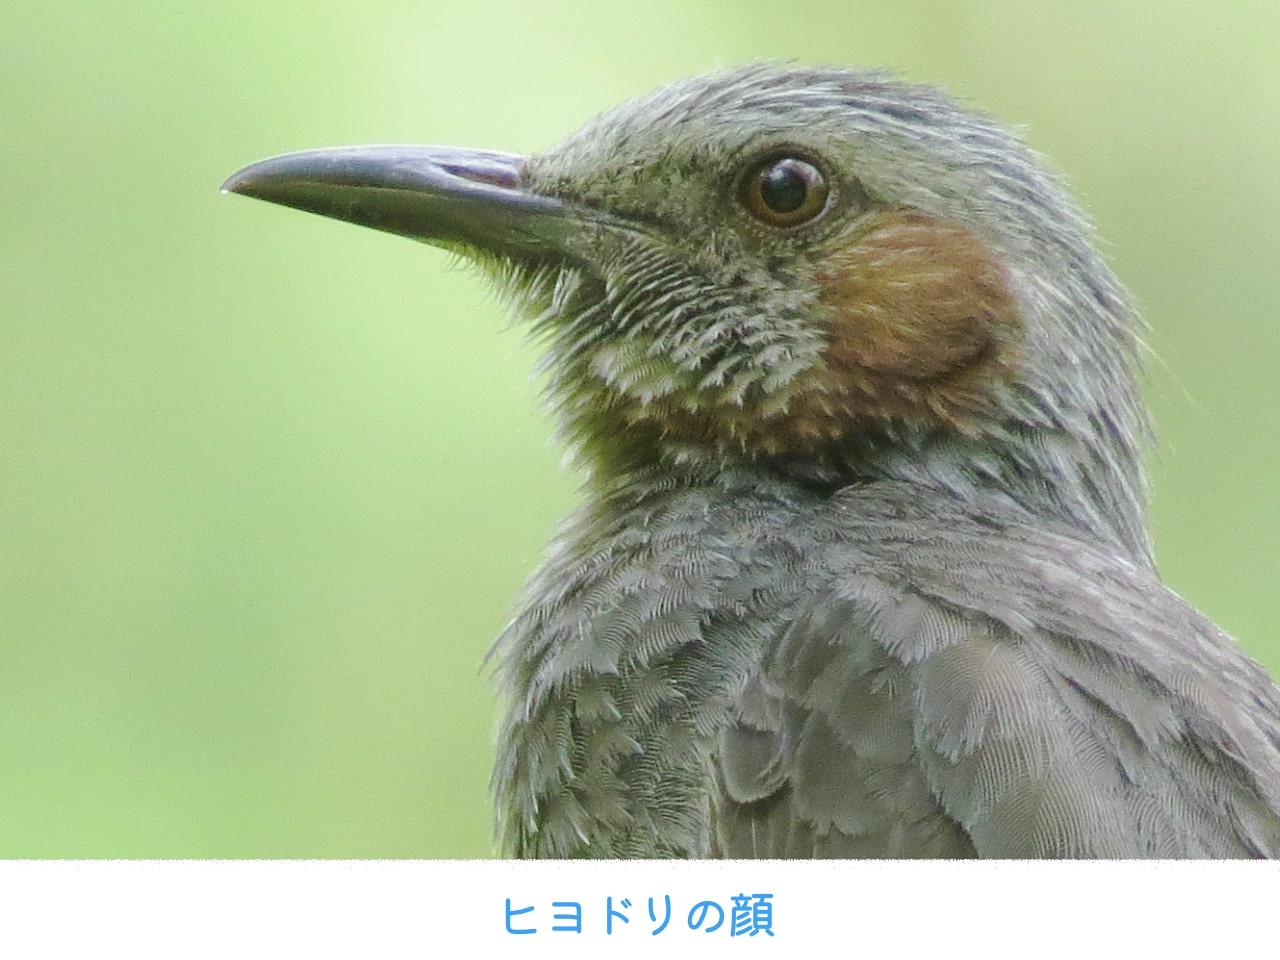 ヒヨドリの顔のアップ画像